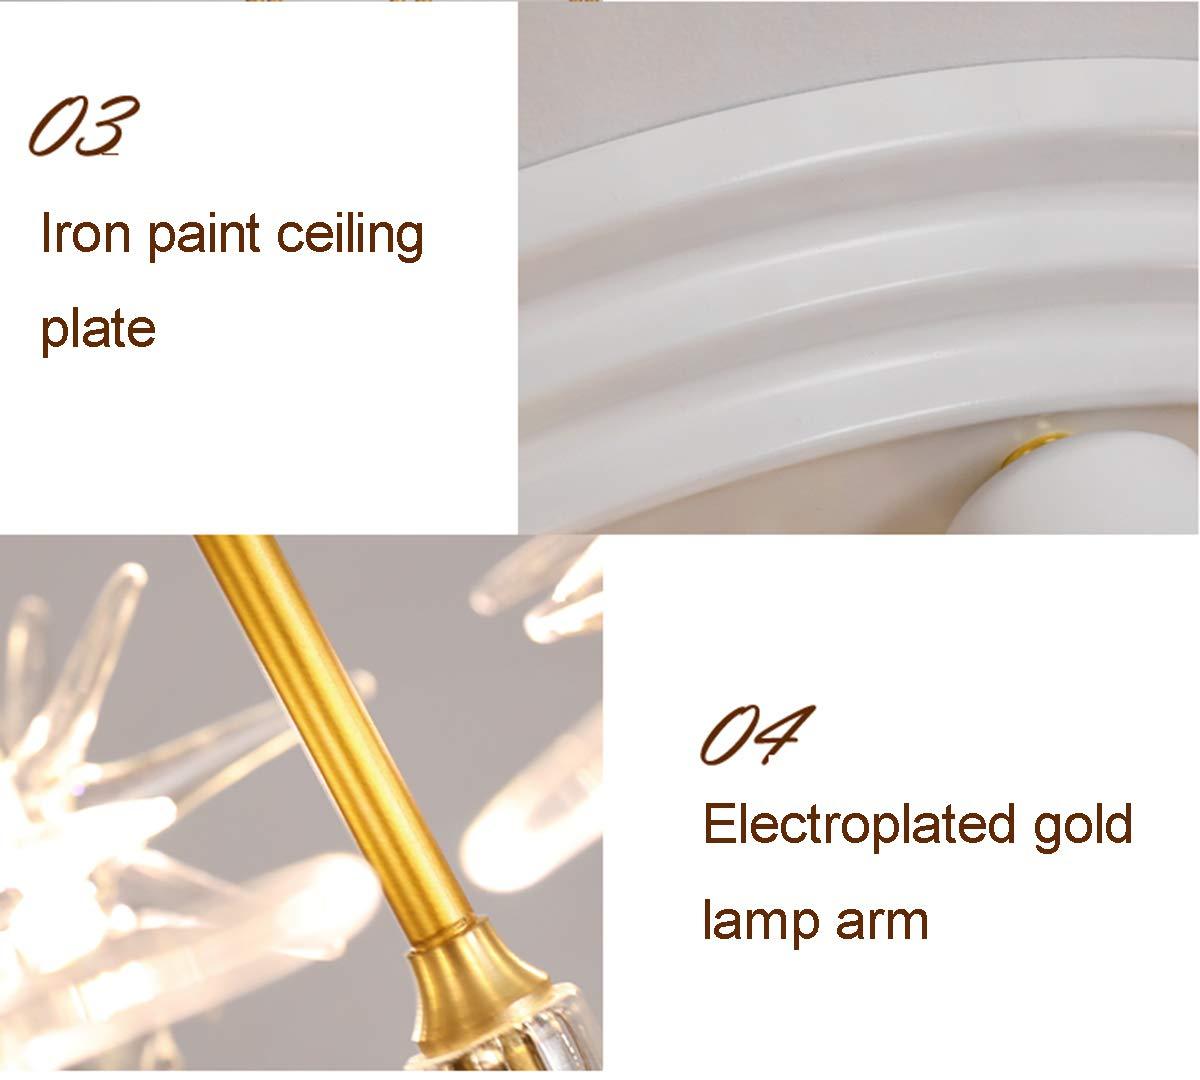 LED L/ámpara de Techo Lampara Infantil Moderno Simple Estilo Luz de Techo Unicornio de Dibujos Animados Personalidad La Moda Ni/ño Ni/ña Luz de Dormitorio Acrilico Iluminaci/ón Decoraci/ón,Blanco,G4